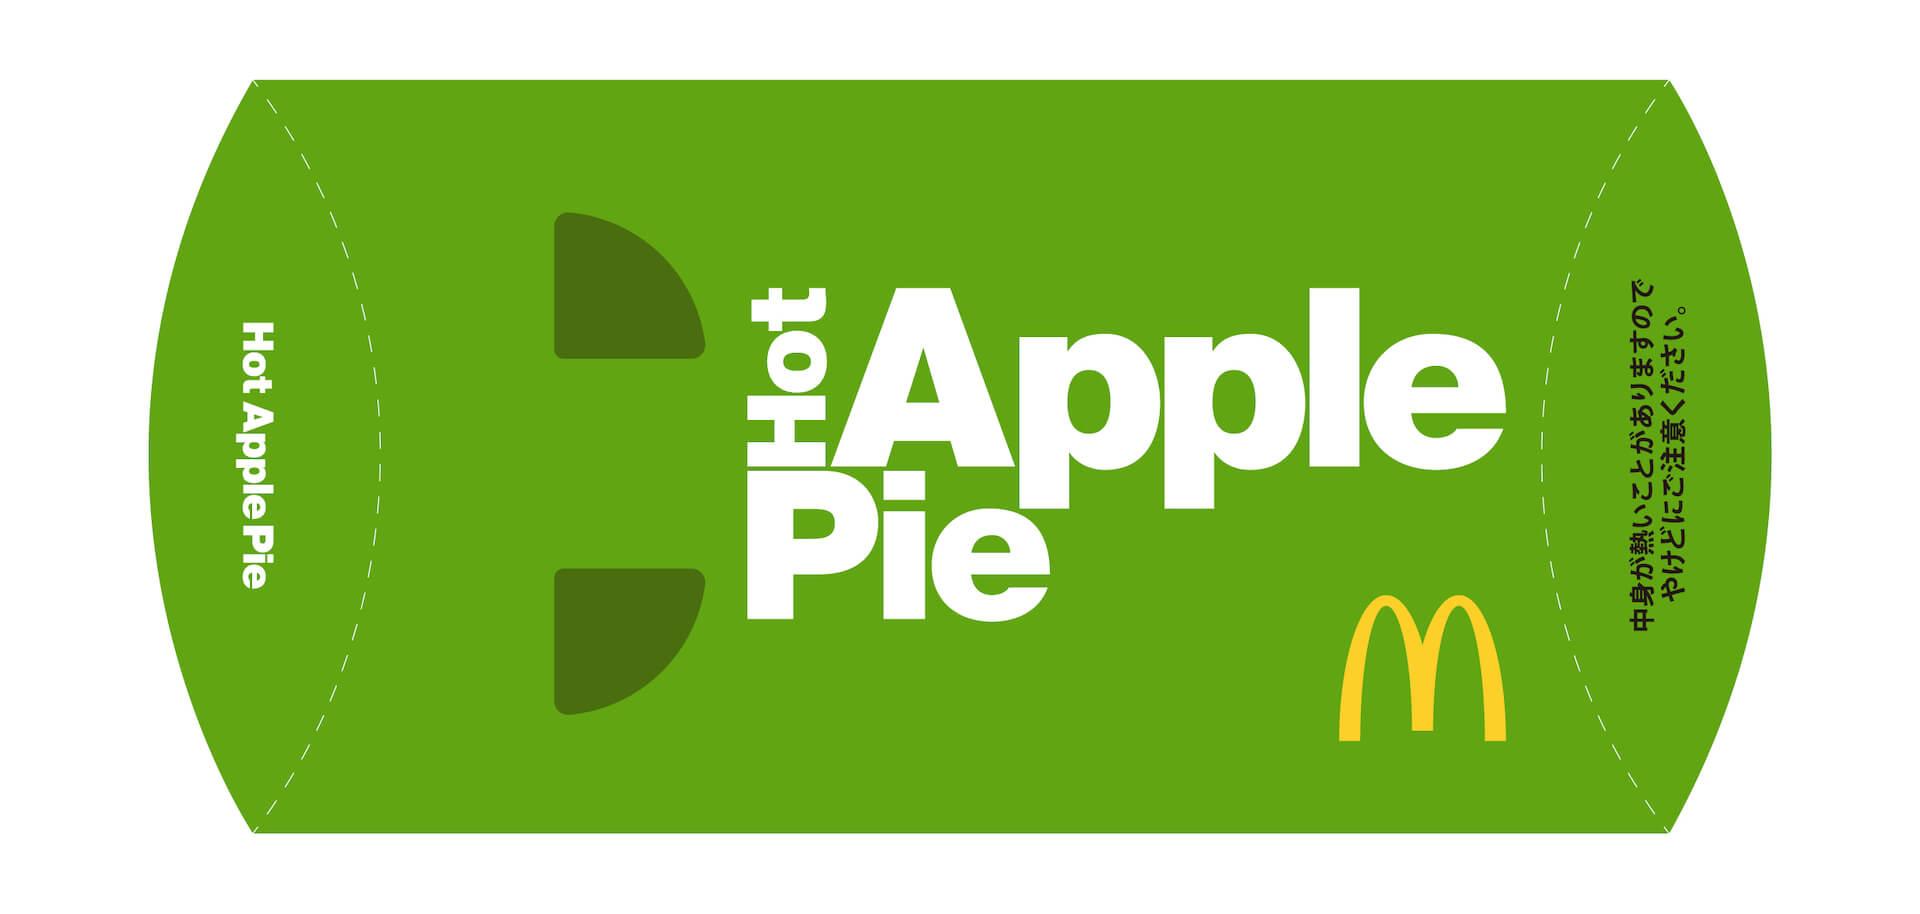 マクドナルドからチョコといちごが絡み合う新作フルーツパイ「ずるいチョコいちごパイ」が新登場!プレミアムローストコーヒーMサイズが100円で飲めるキャンペーンも gourmet210302_mcdonald_pie_1